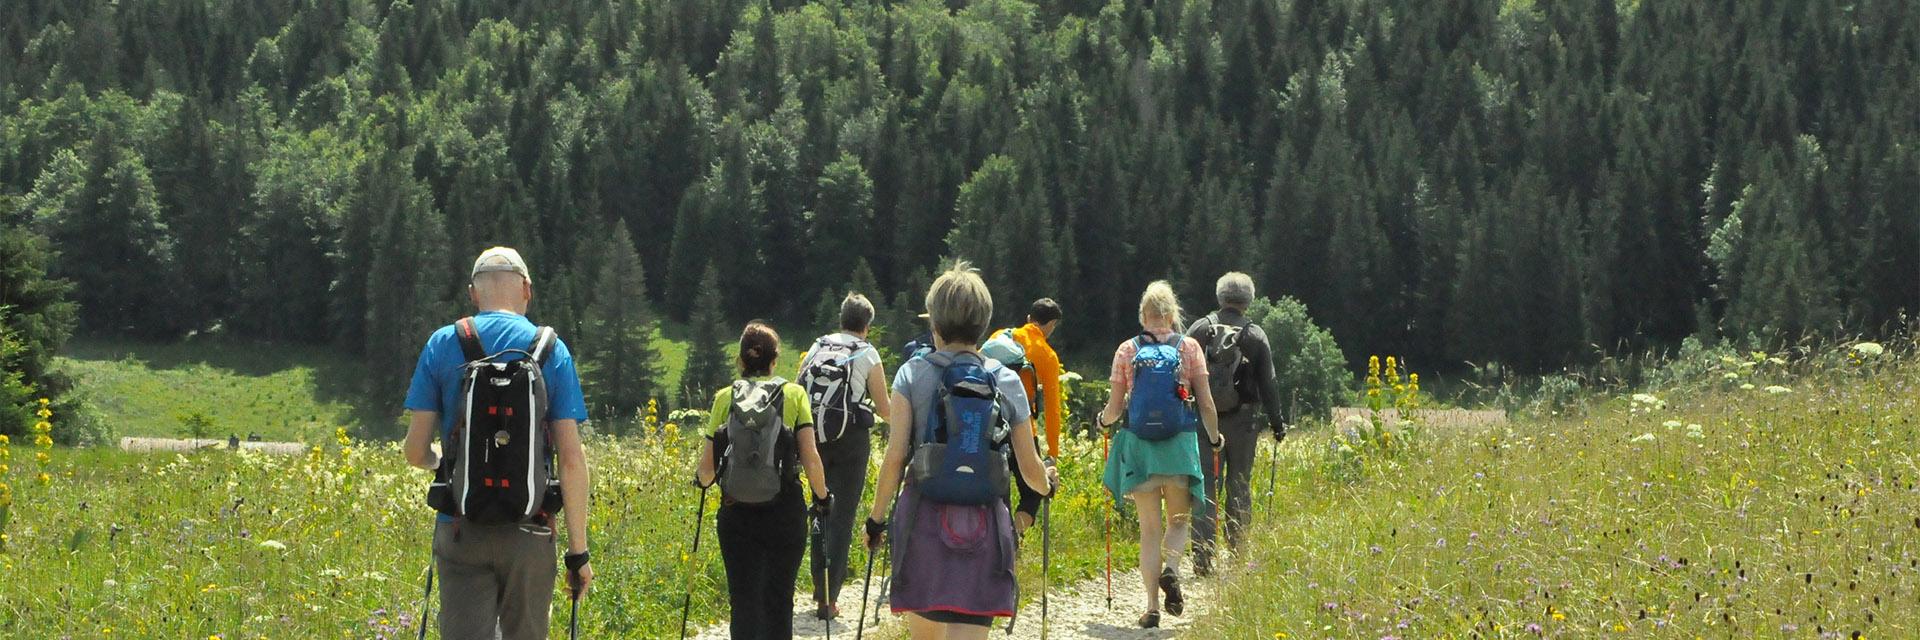 Les montagnes du Jura - Chalet de la Haute-Joux